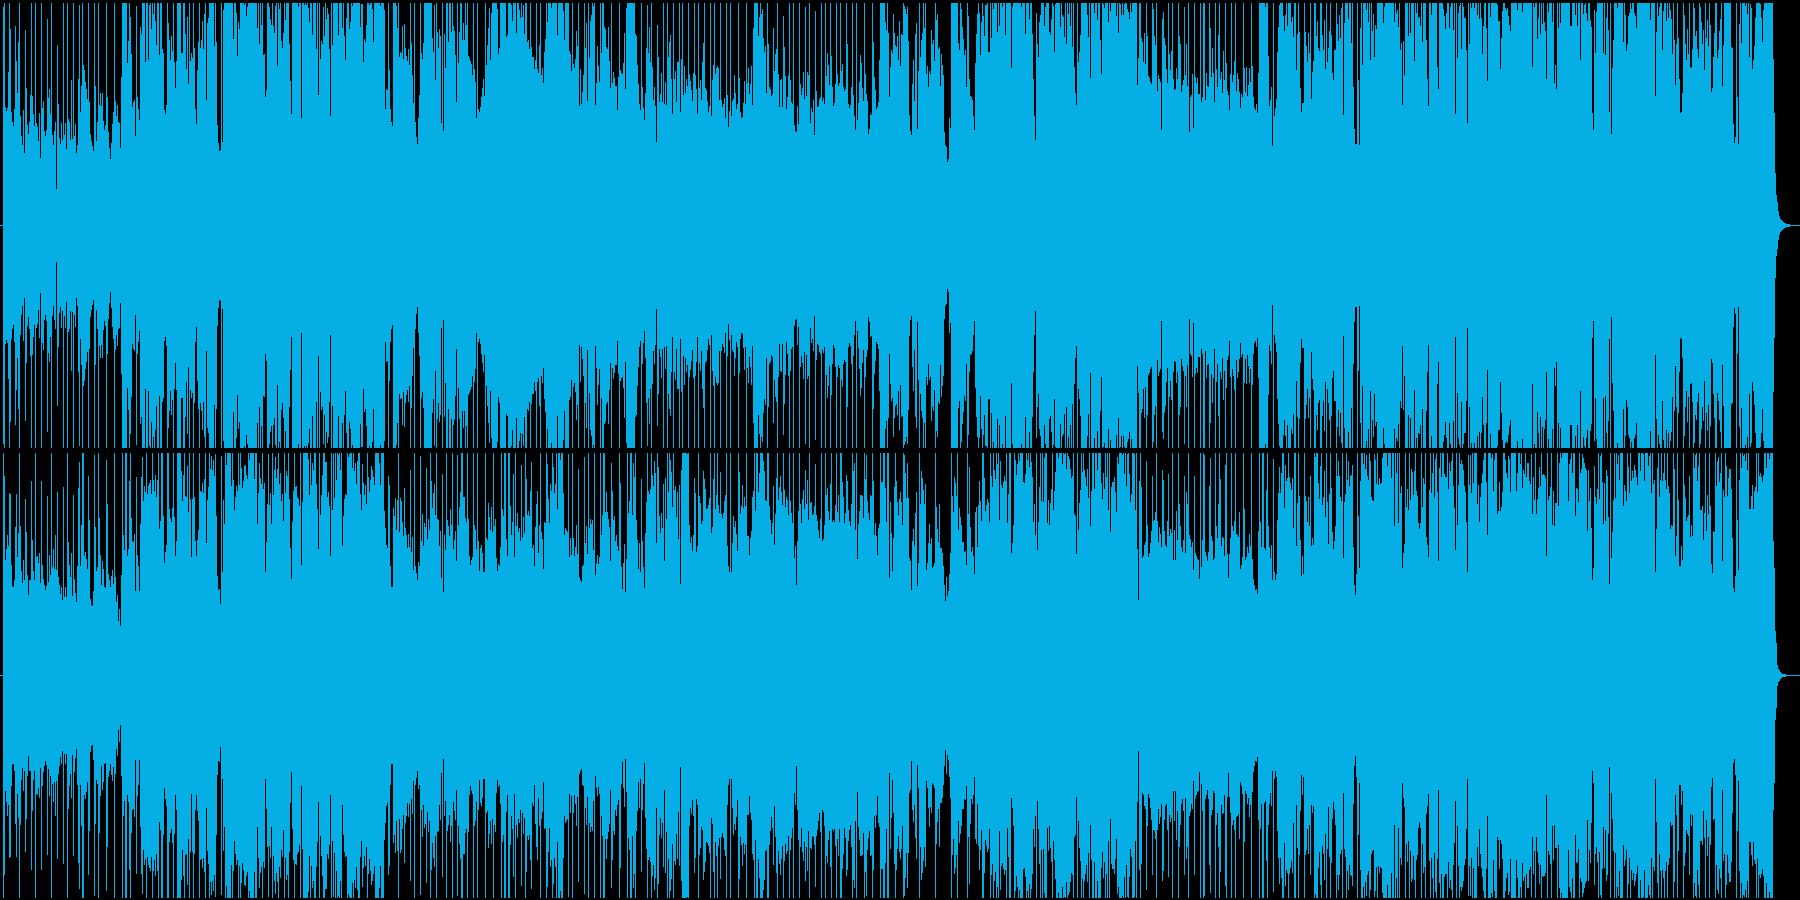 映画音楽的クールなホーンのジャズ風楽曲の再生済みの波形